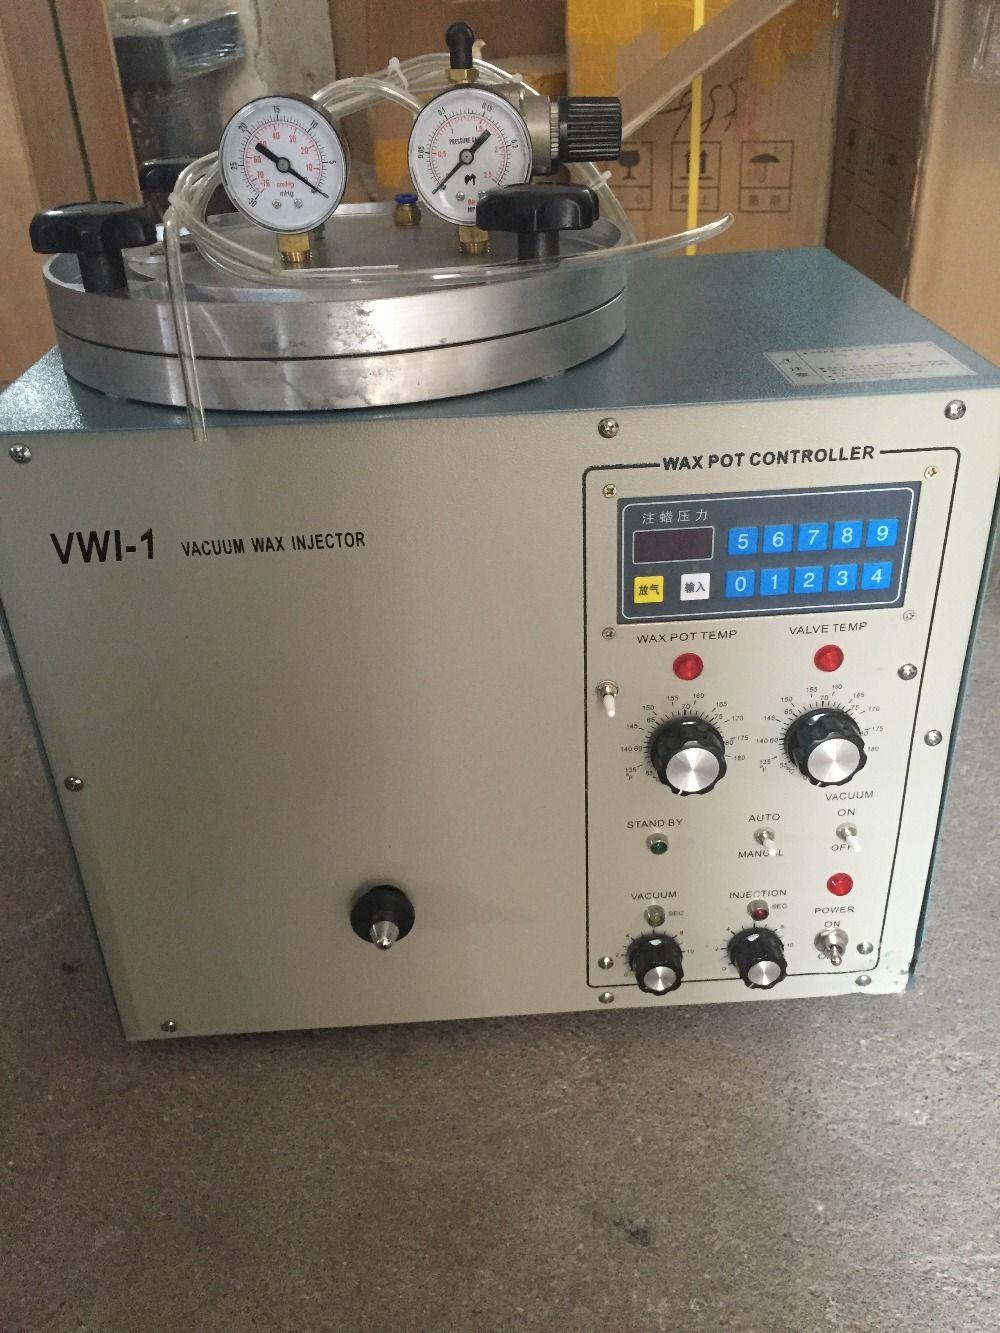 Auto-Adjustable Pressure Wax Injector wax mold injection machine joyeria